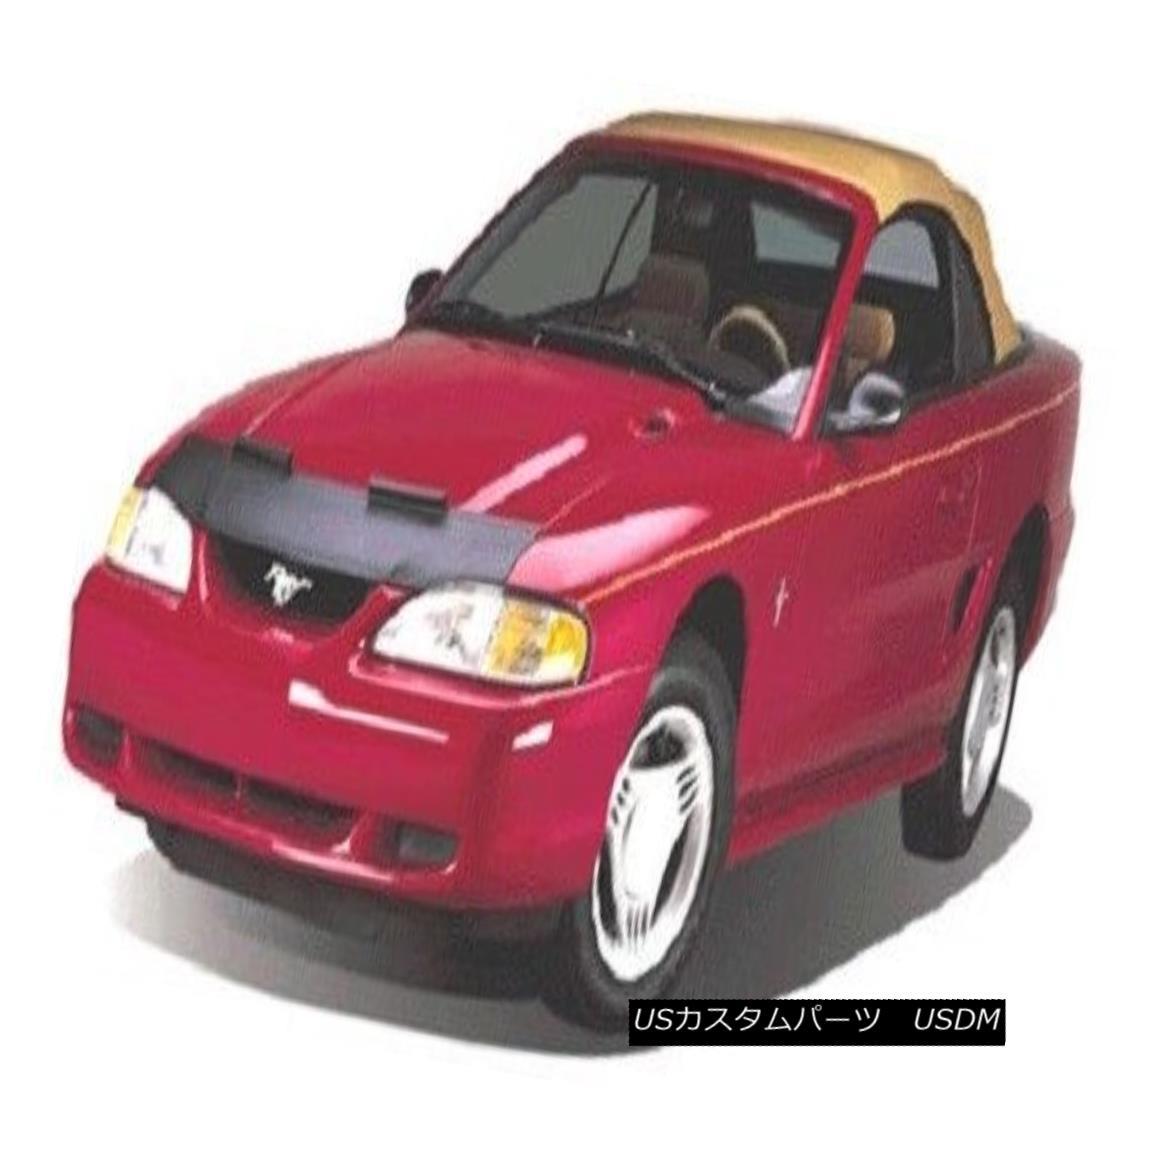 フルブラ ノーズブラ Lebra Hood Protector Mini Mask Bra Fits 2000-2007 Ford Taurus Sedan & Wagon Lebraフードプロテクターミニマスクブラは2000-2007 Ford Taurus Sedan& ワゴン